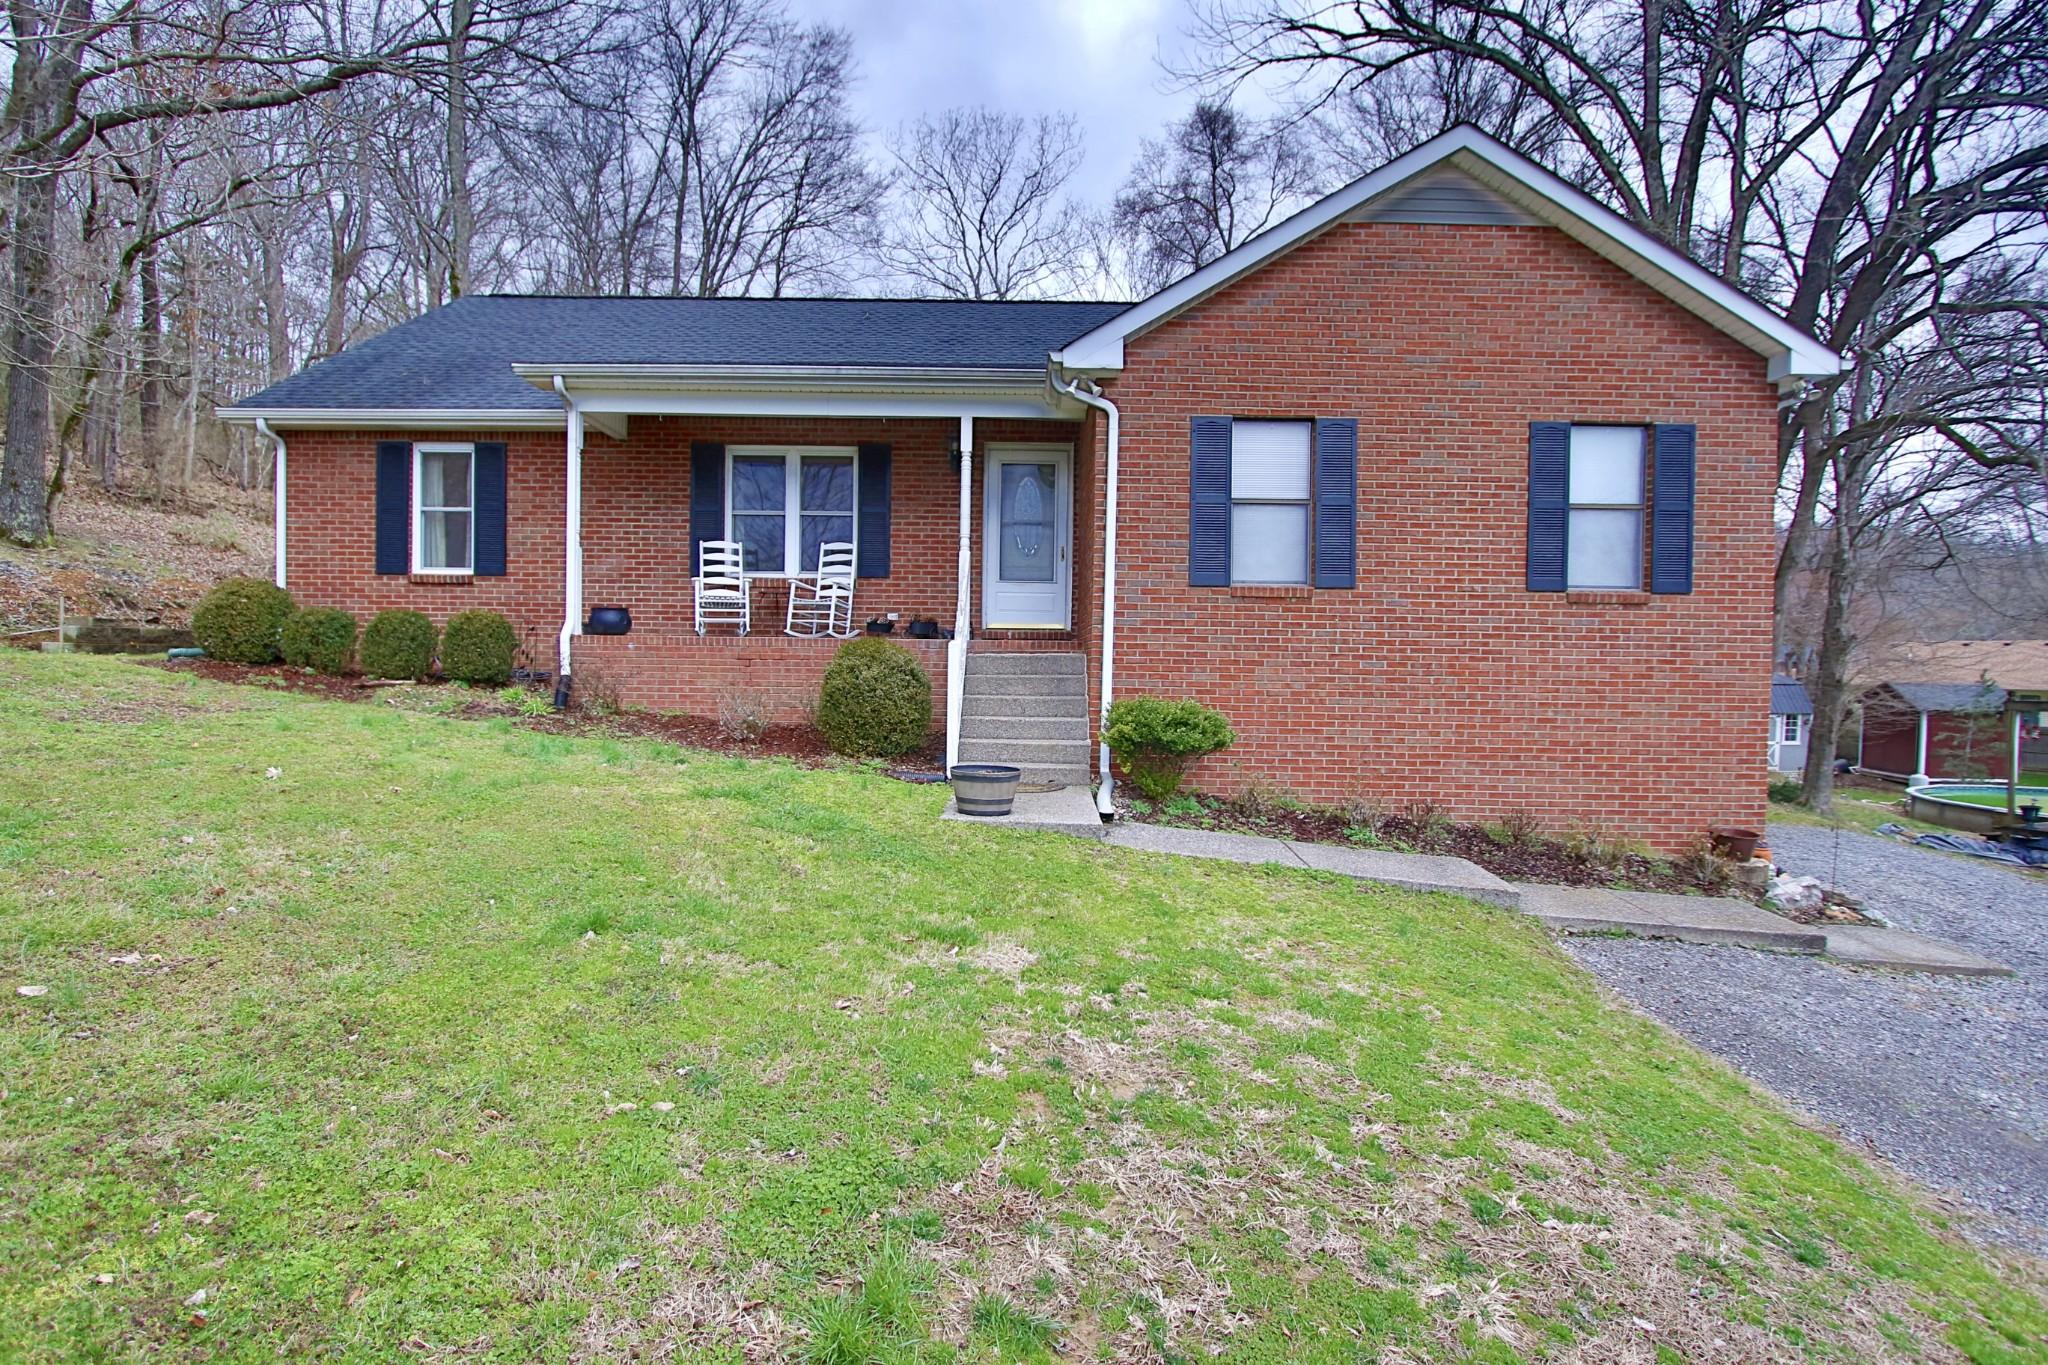 5075 Station Dr, Pegram, TN 37143 - Pegram, TN real estate listing